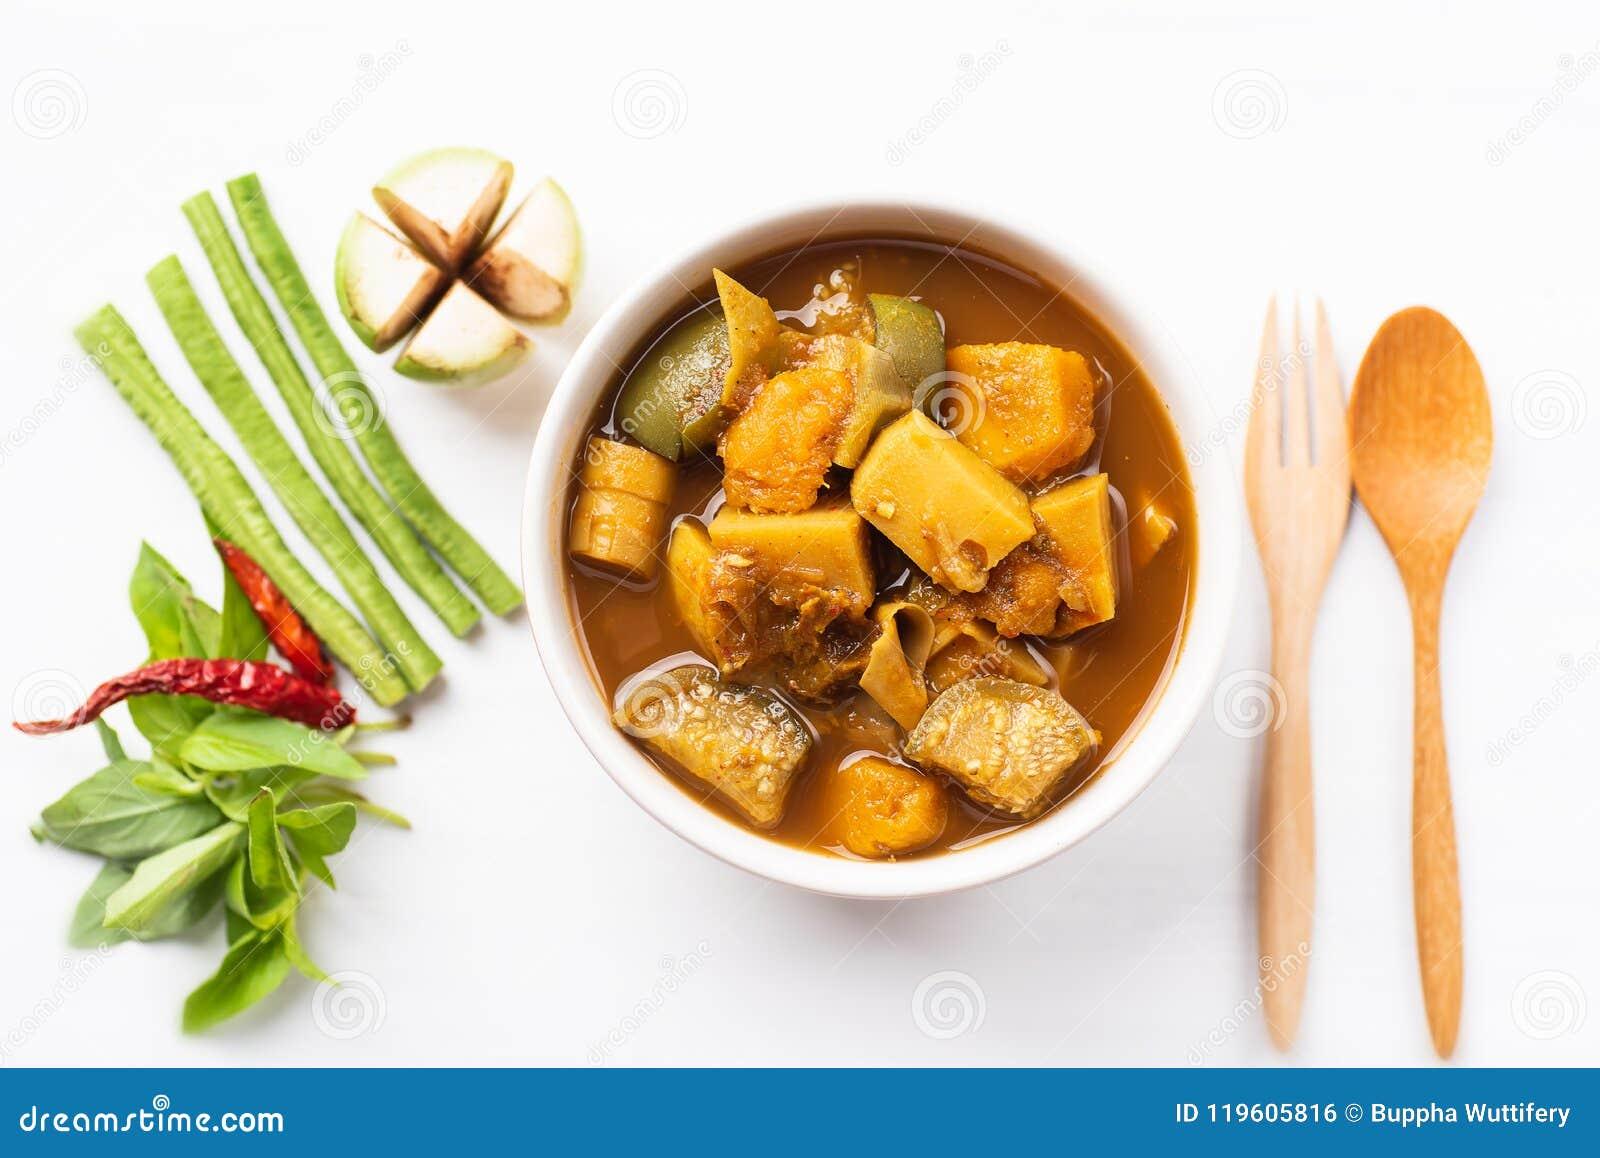 Pêchez la soupe aigre à organes, nourriture thaïlandaise du sud